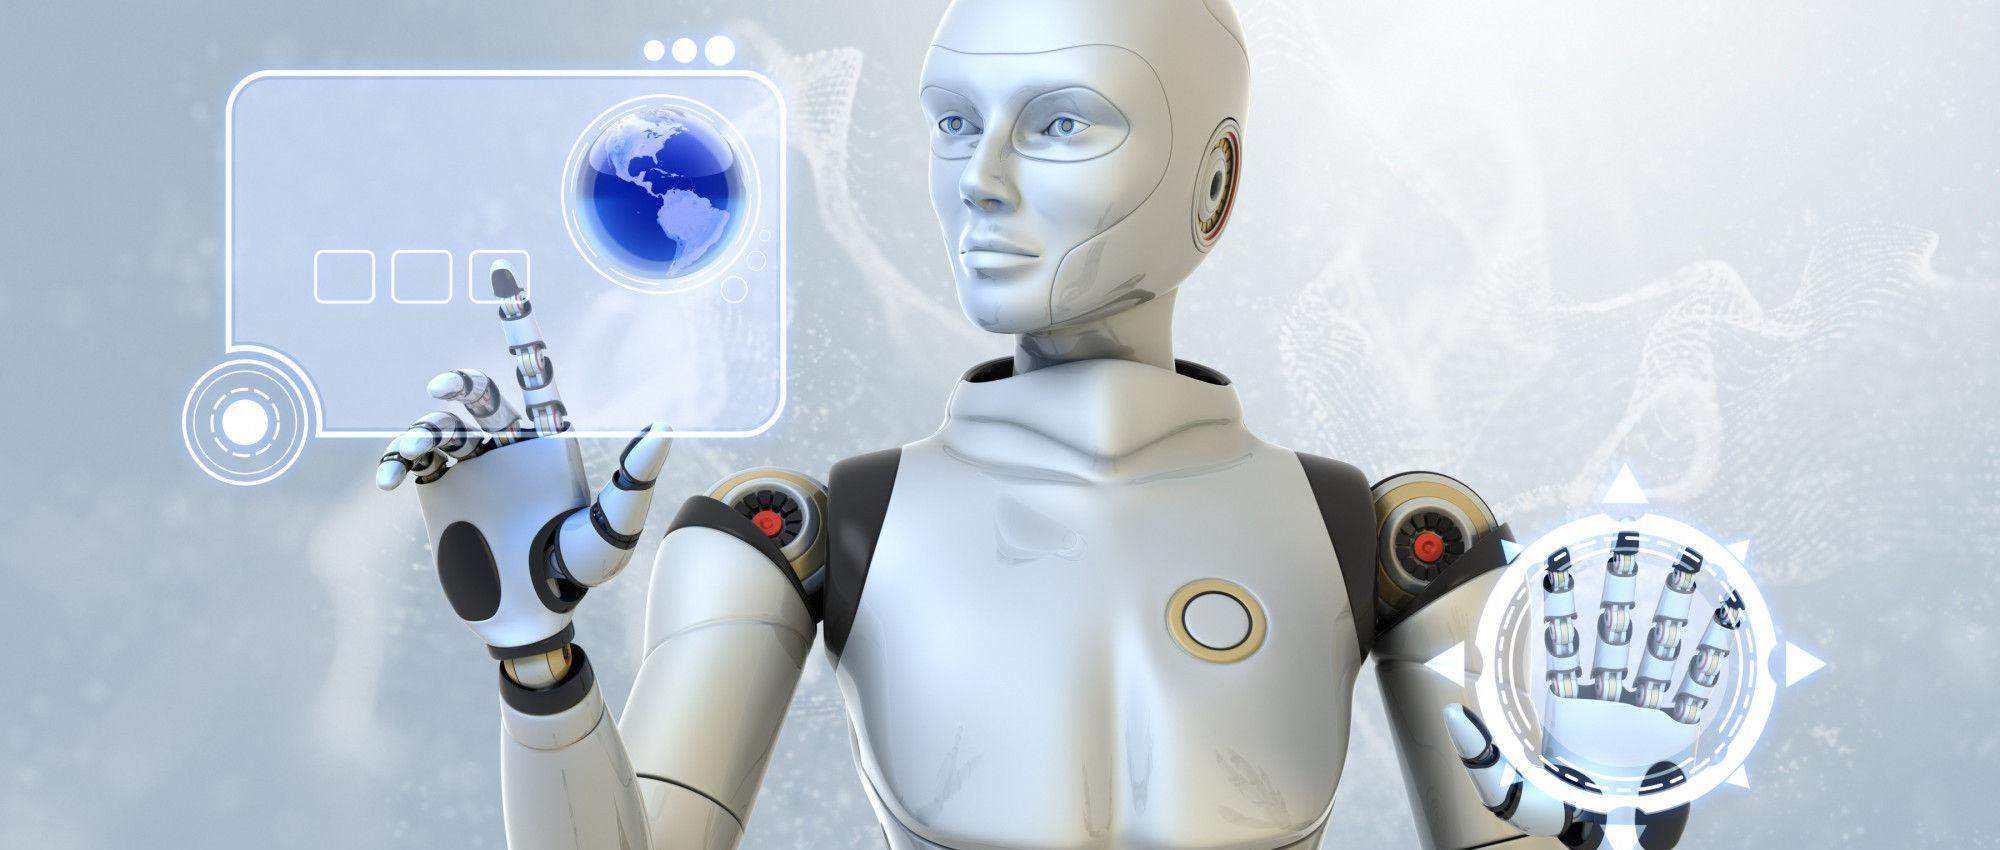 机器人如何影响着未来社会